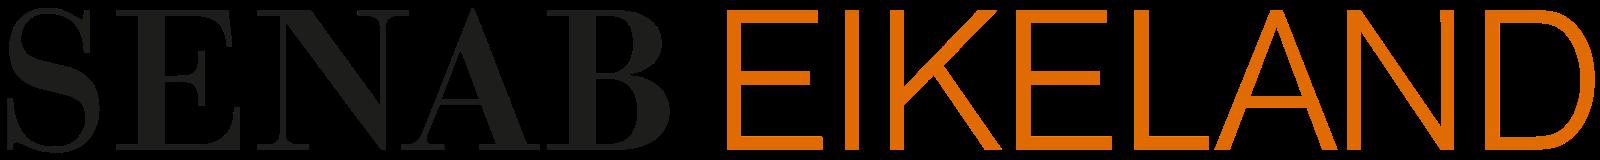 Senab_Eikeland_xlarge-1